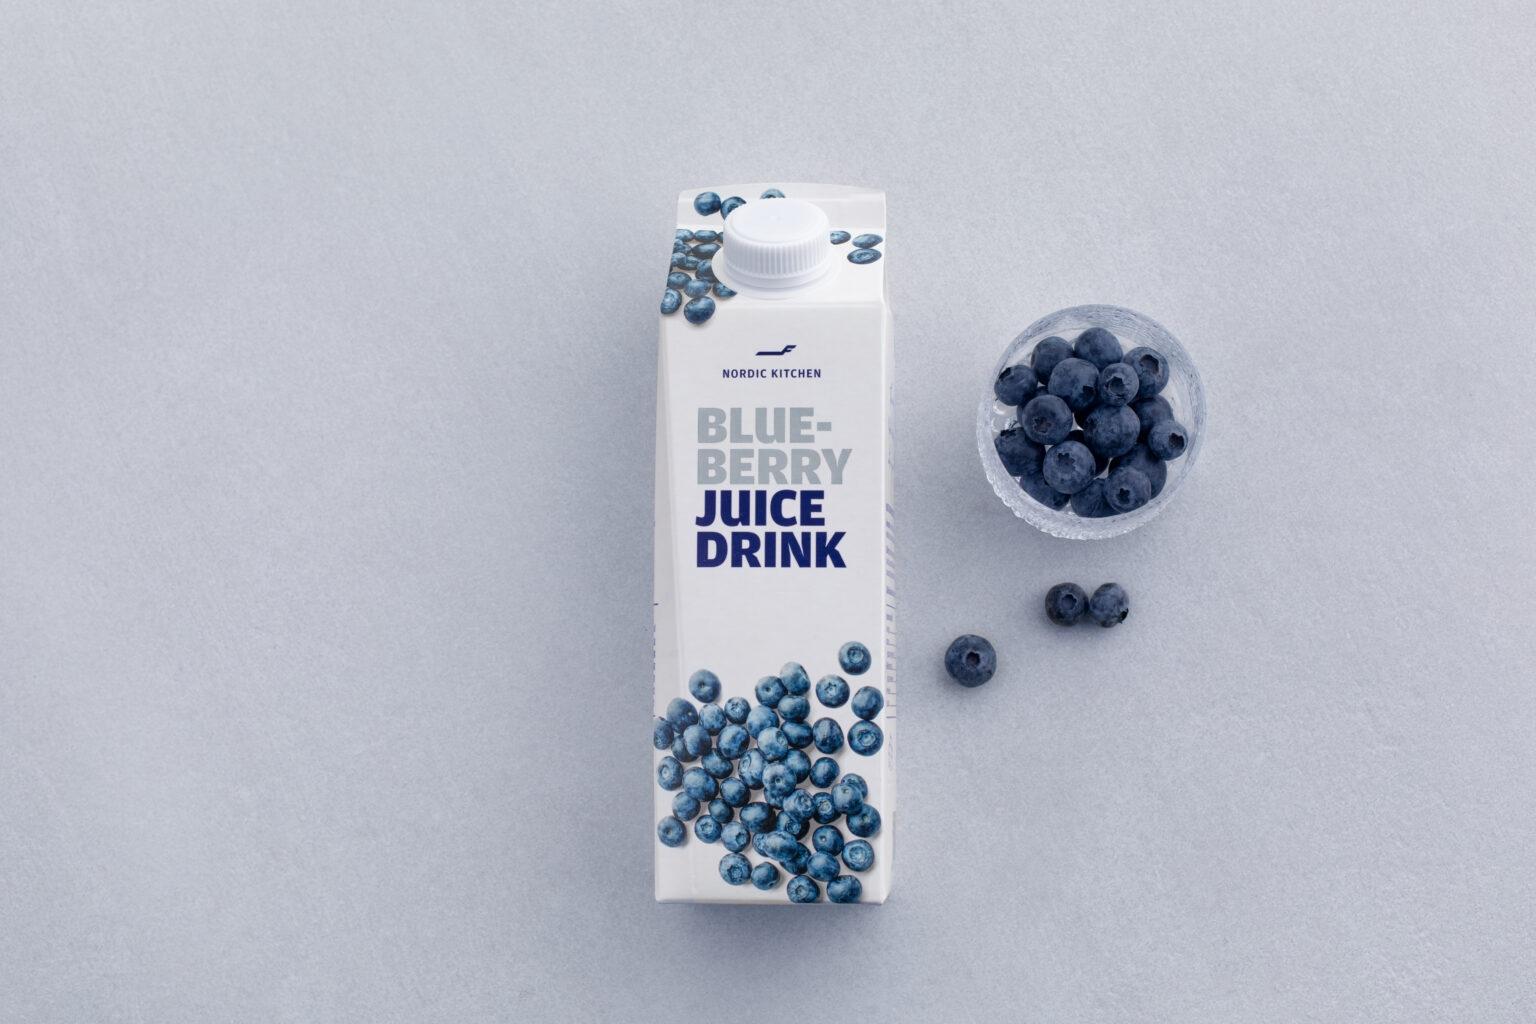 卖完鹿肉丸后 芬兰航空在超市售卖招牌蓝莓汁